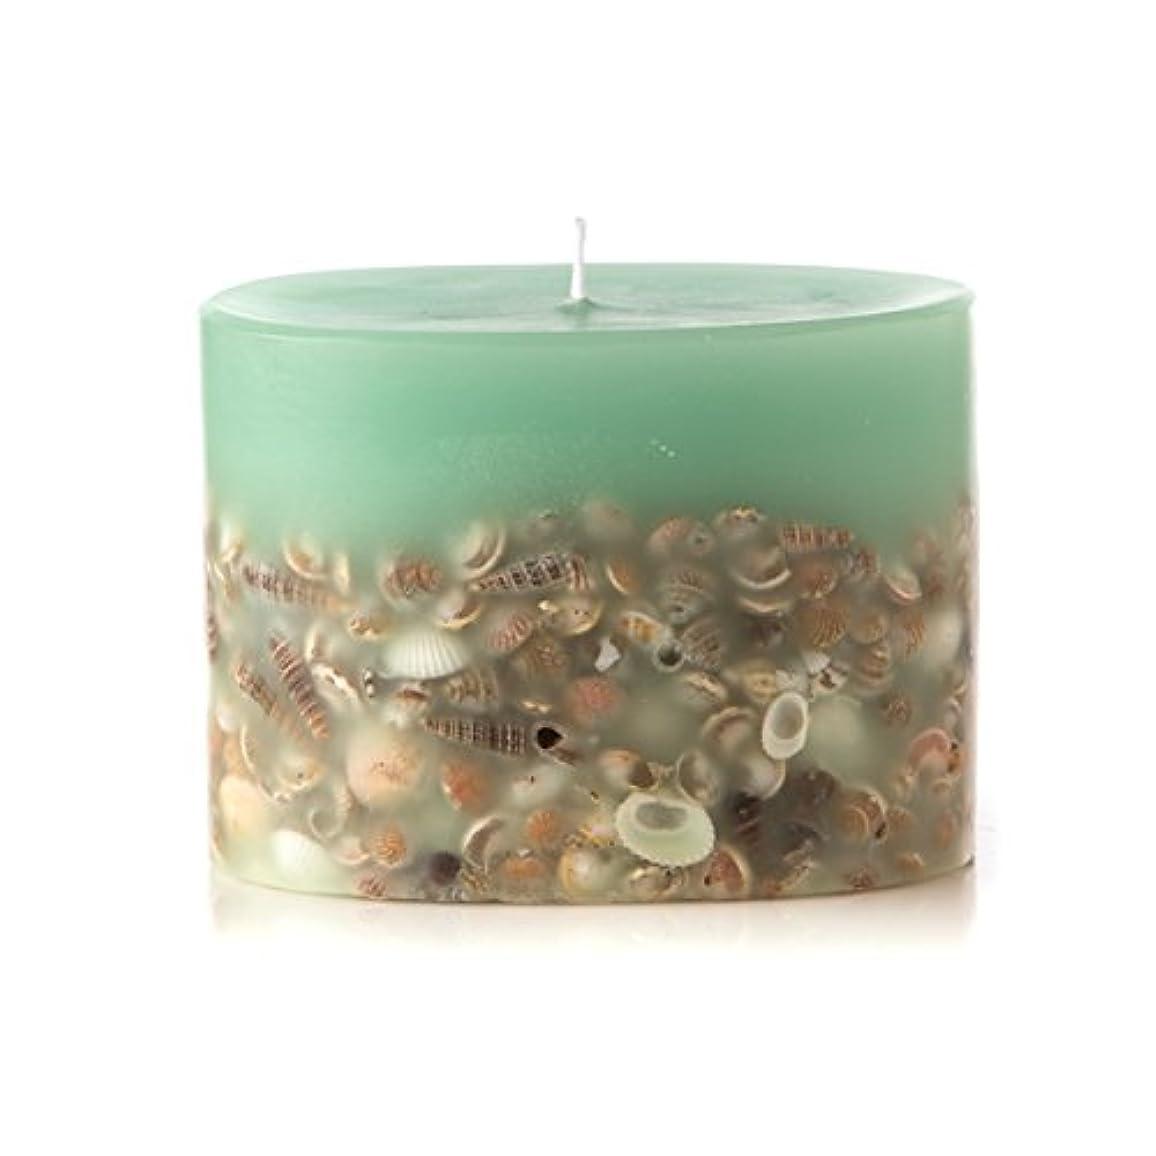 トロリー暗くする複合ロージーリングス プティボタニカルキャンドル シーグラス ROSY RINGS Petite Oval Botanical Candle Sea Glass